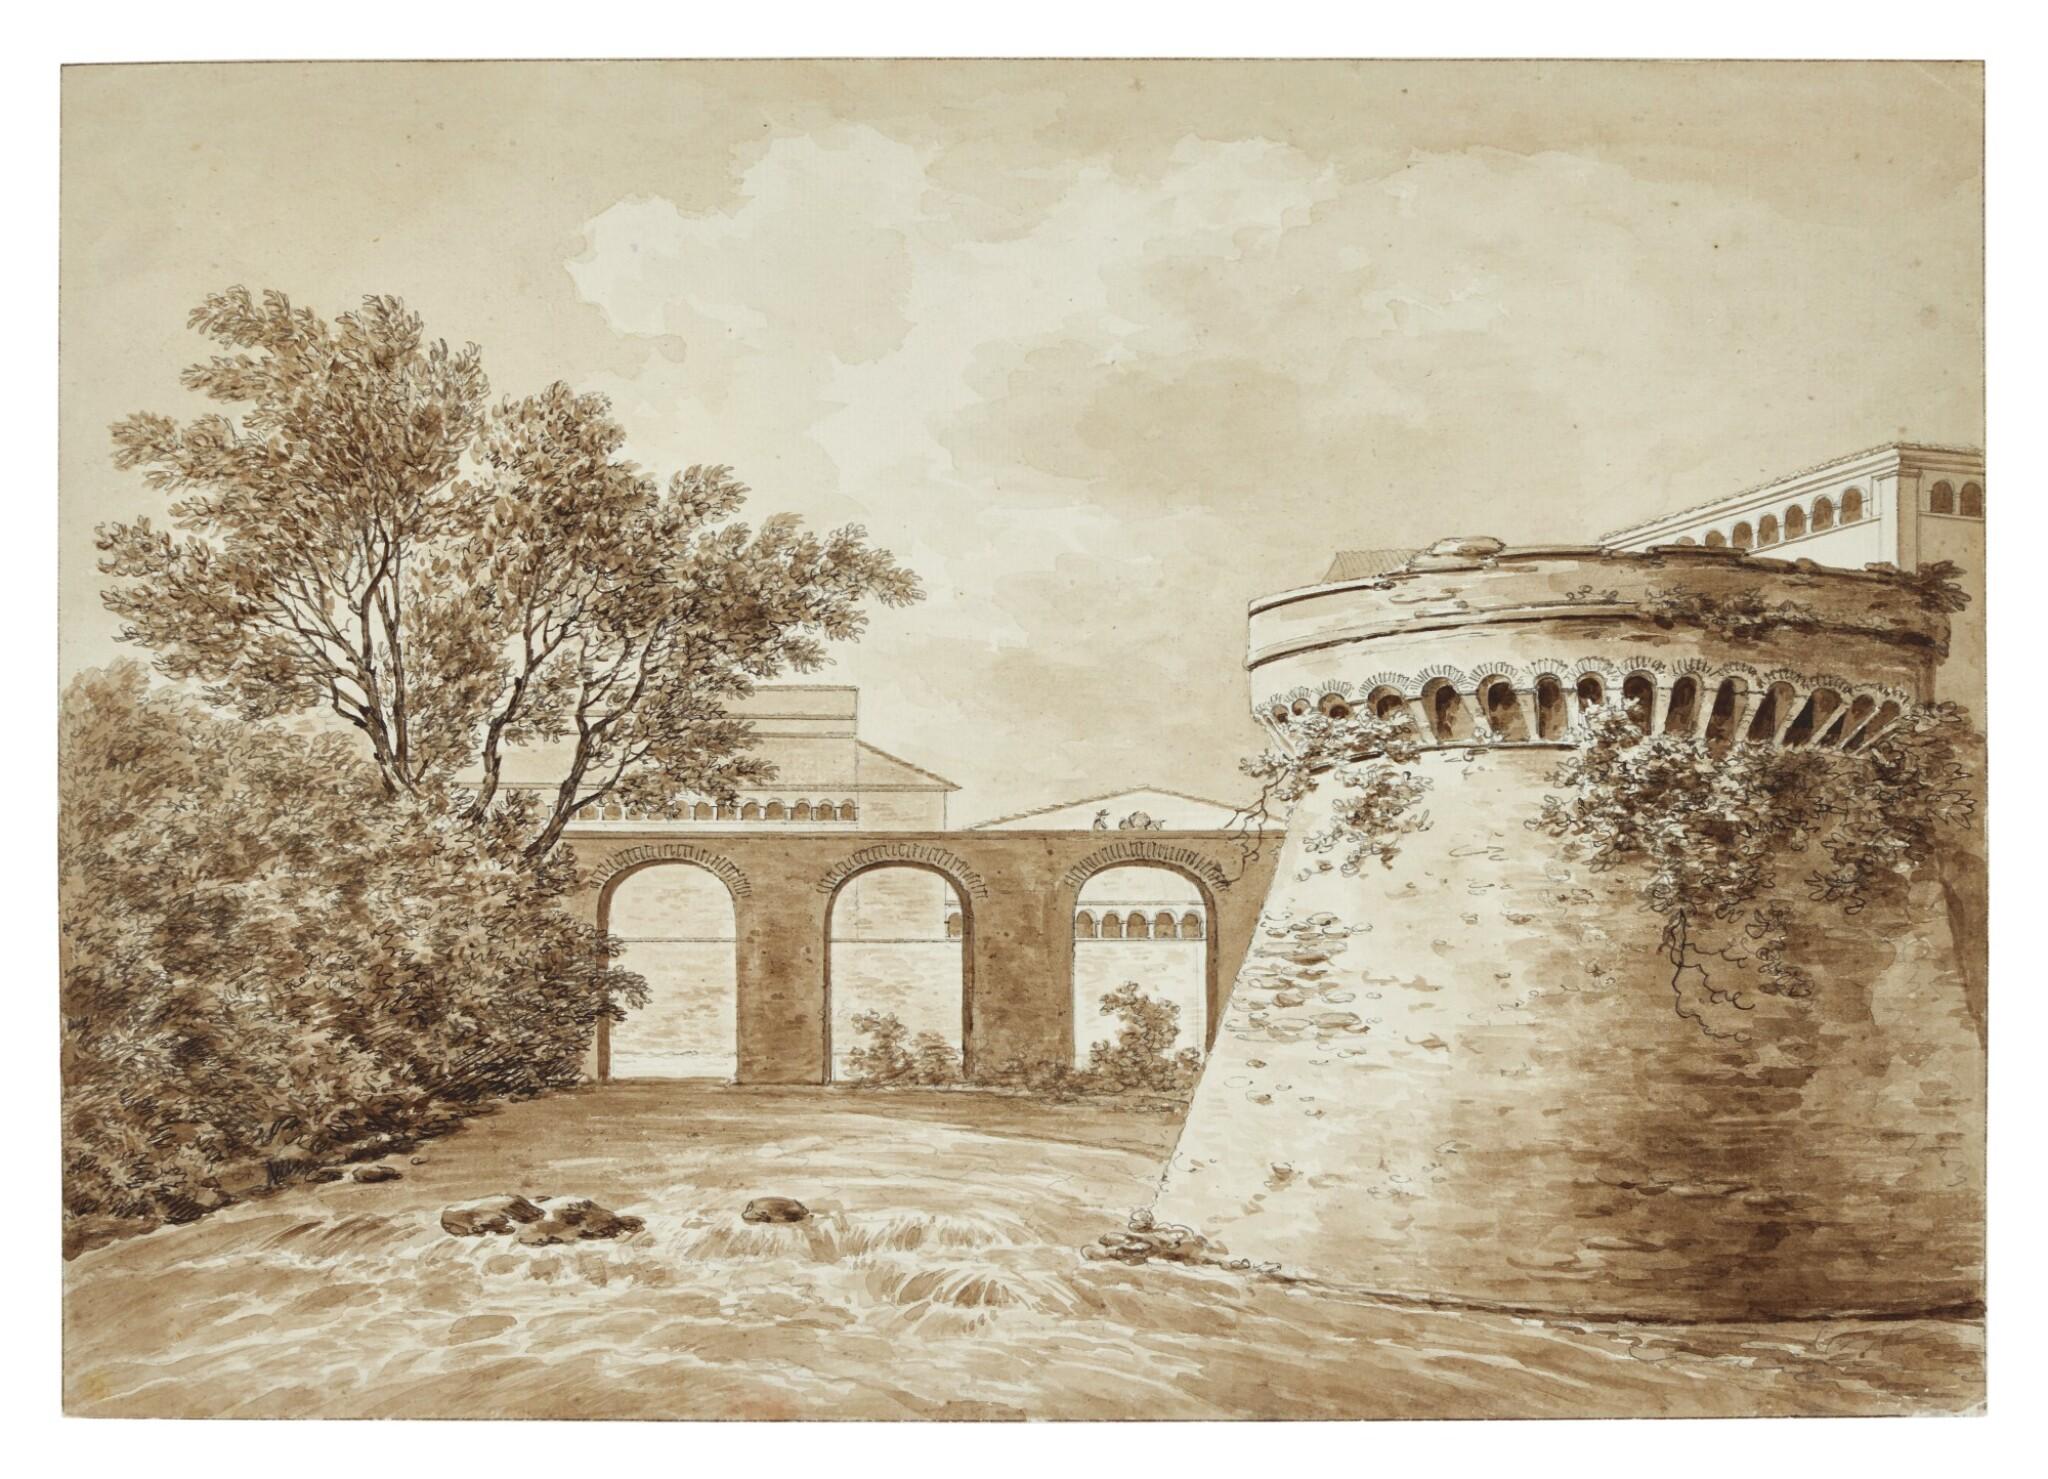 DANIËL DUPRÉ | THE ABBEY AND RIVER AT GROTTAFERRATA